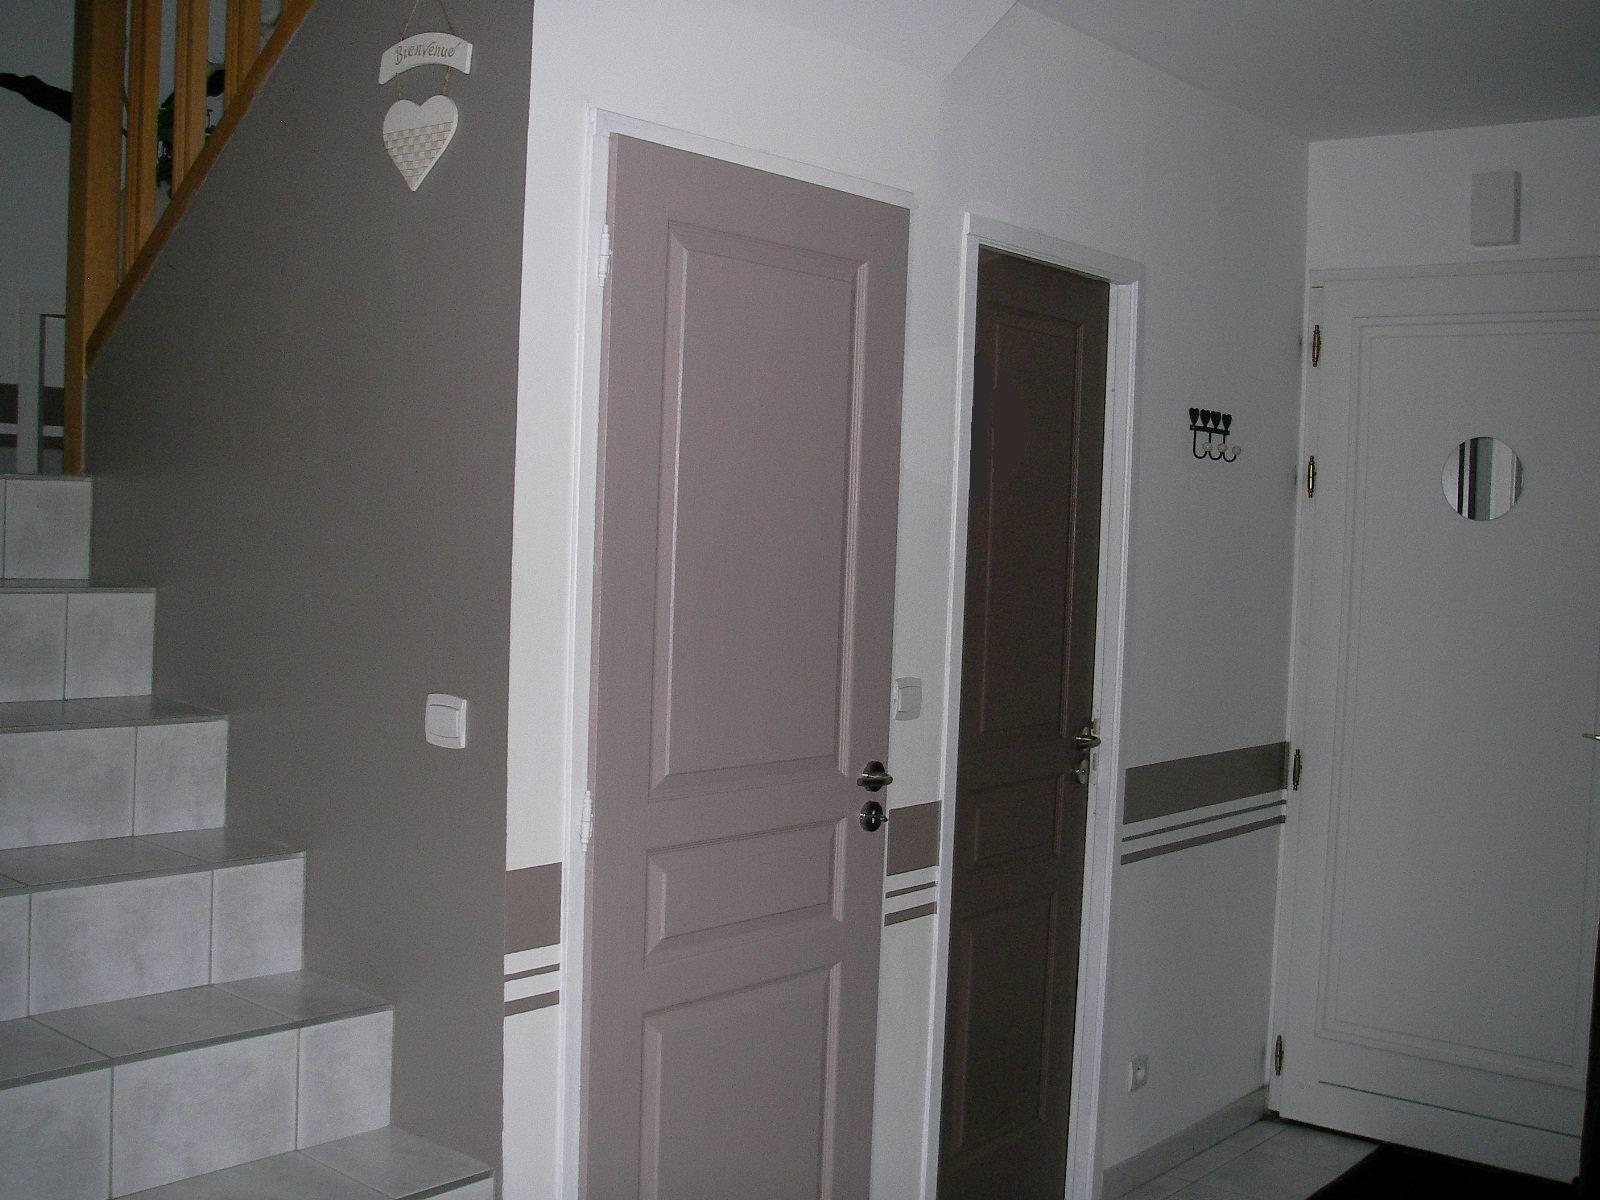 la d co de laetitia une fresque dans une descente d escalier. Black Bedroom Furniture Sets. Home Design Ideas